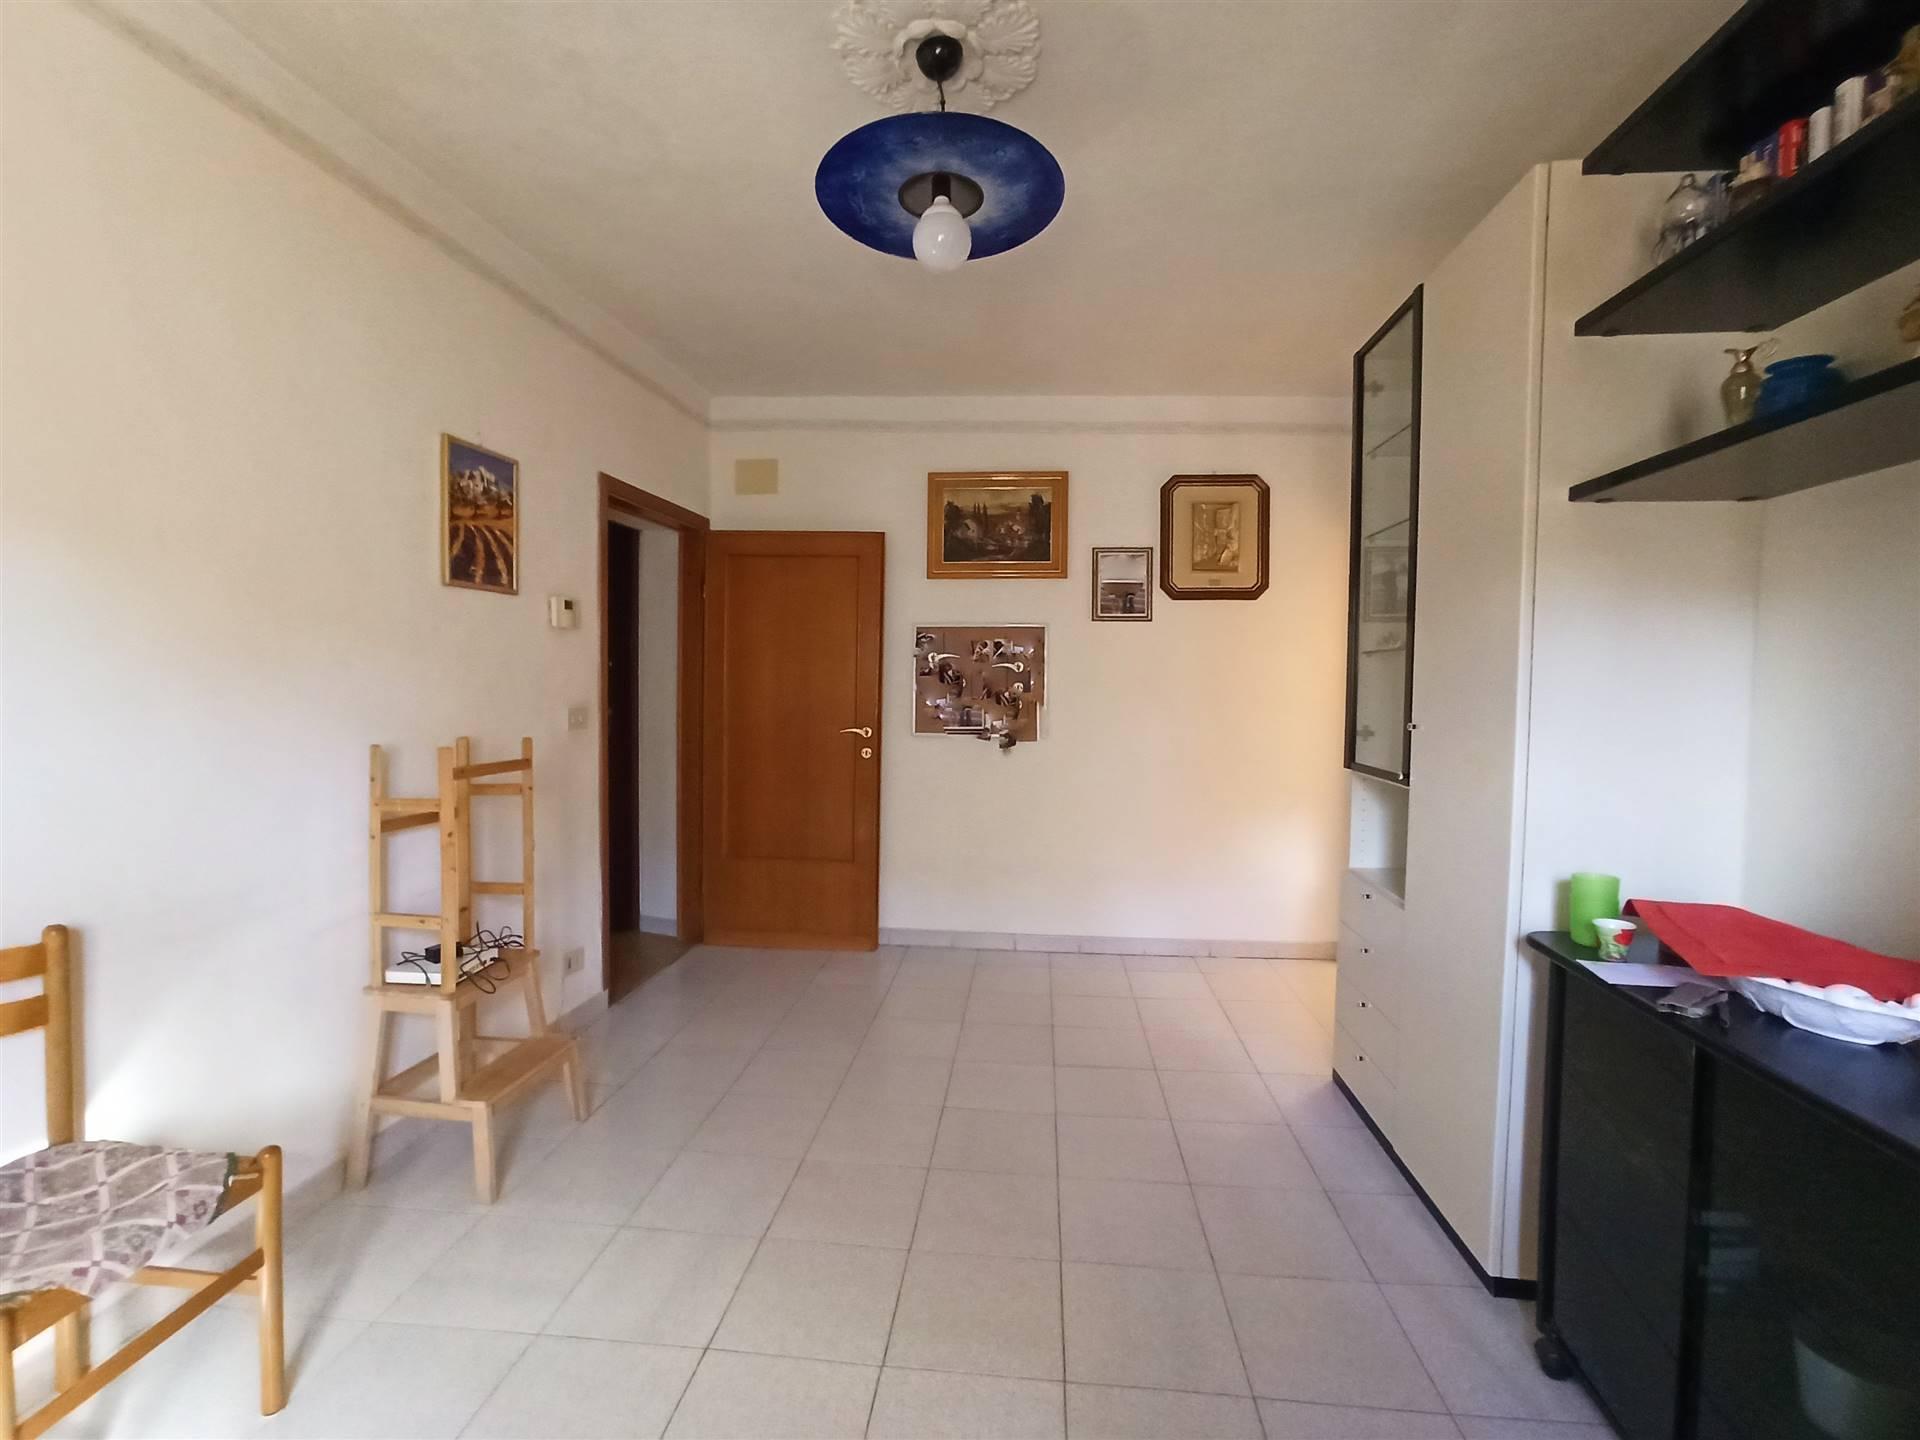 Signa centro, zona Castello, in contesto paesano tranquillo e silenzioso, proponiamo in vendita PANORAMICO appartamento QUADRIVANI di 77mq catastali,